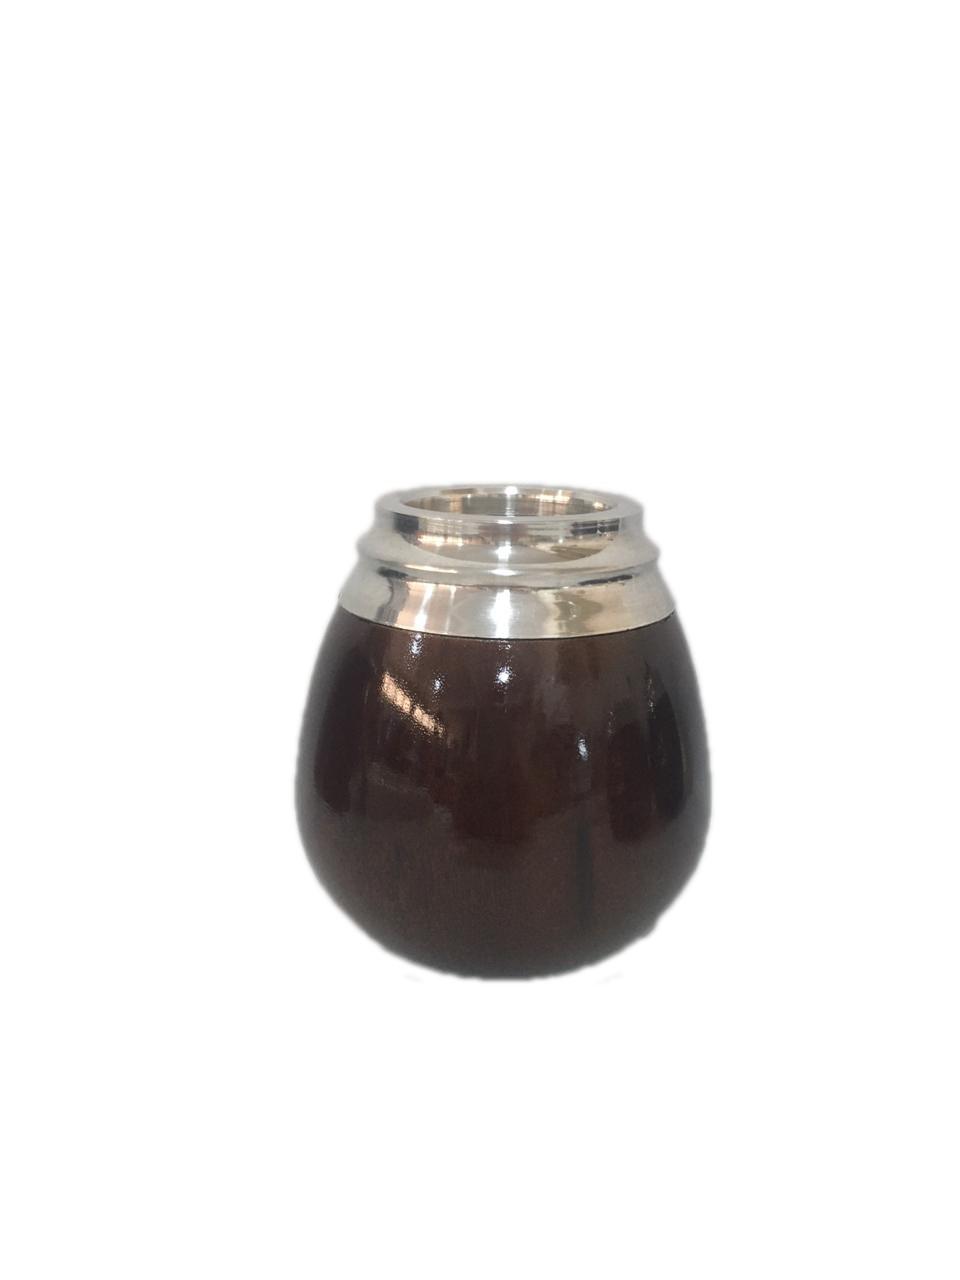 Kit Chimarrão  Argentino Cuia Madeira Vinho e Bomba Aço inox pêra rosca